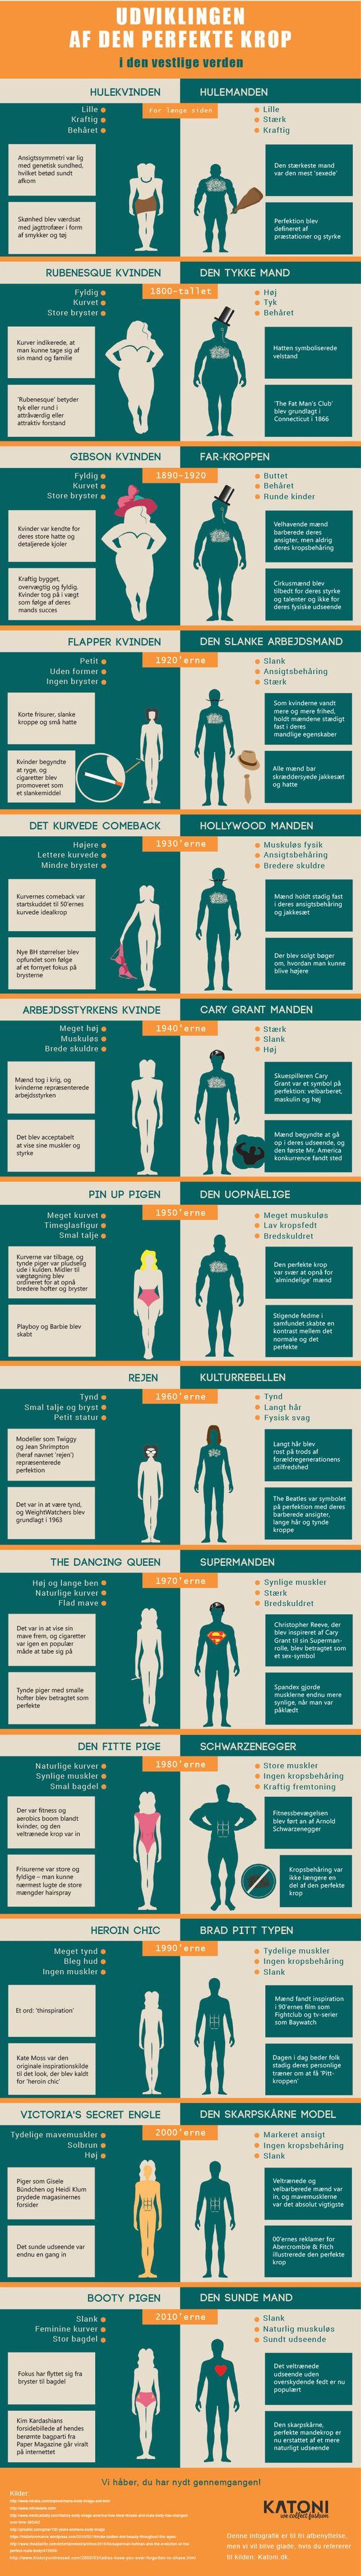 Af Marina Aagaard, MFT Udviklingen af den perfekte krop? Hvad er perfekt? Det må være at kroppen fungerer som den skal. Hvad angår udseende, kropsform og behåring, er moden skiftet igennem tiderne.…